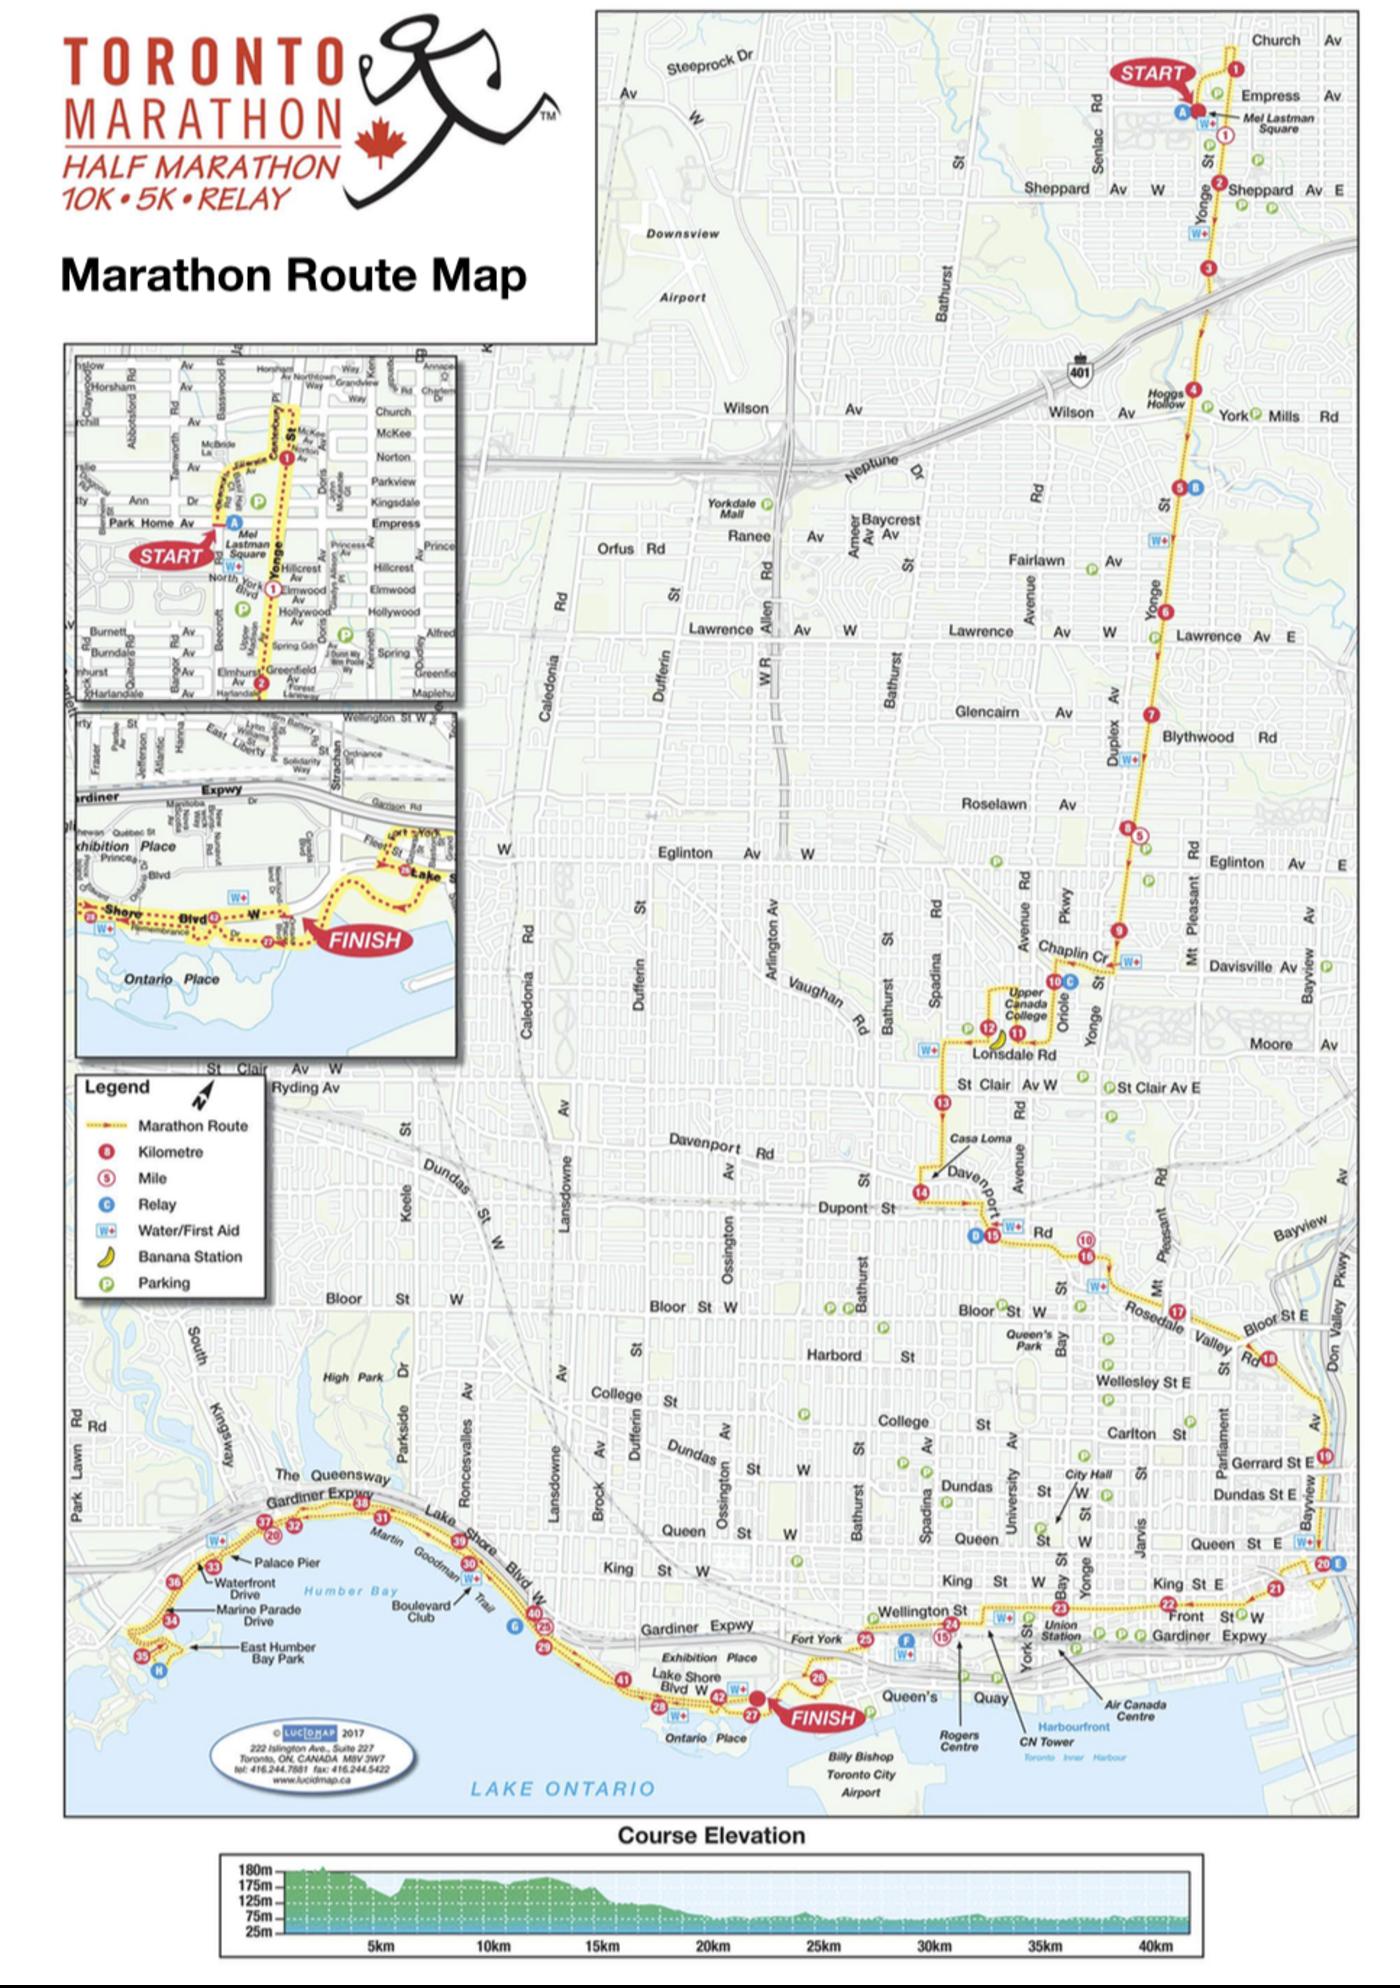 Toronto Marathon Route 2018